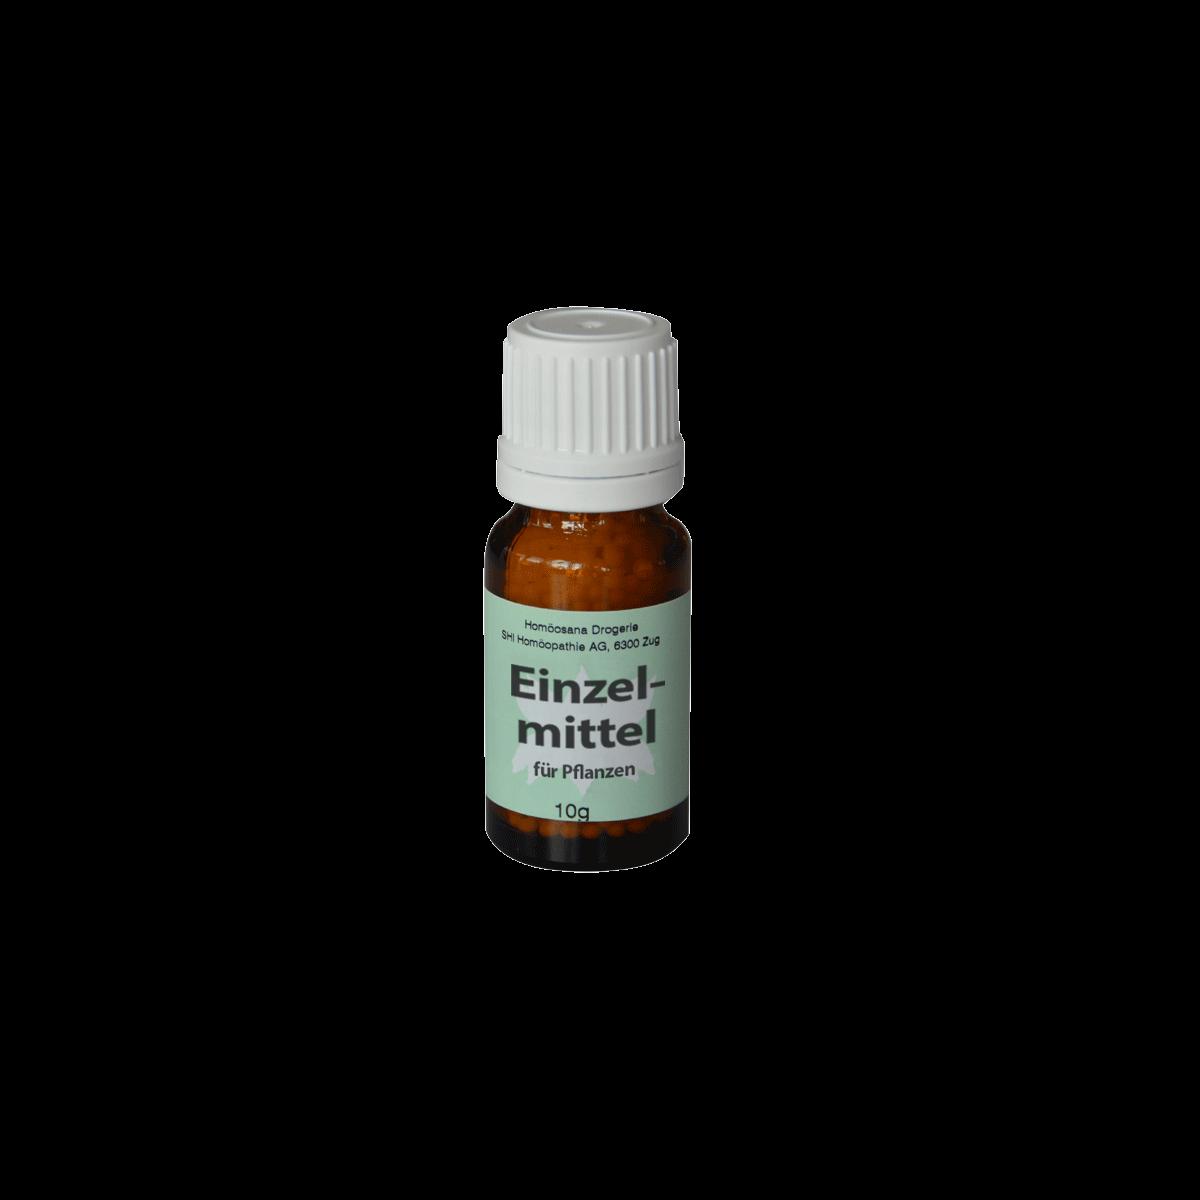 Kalium nitricum